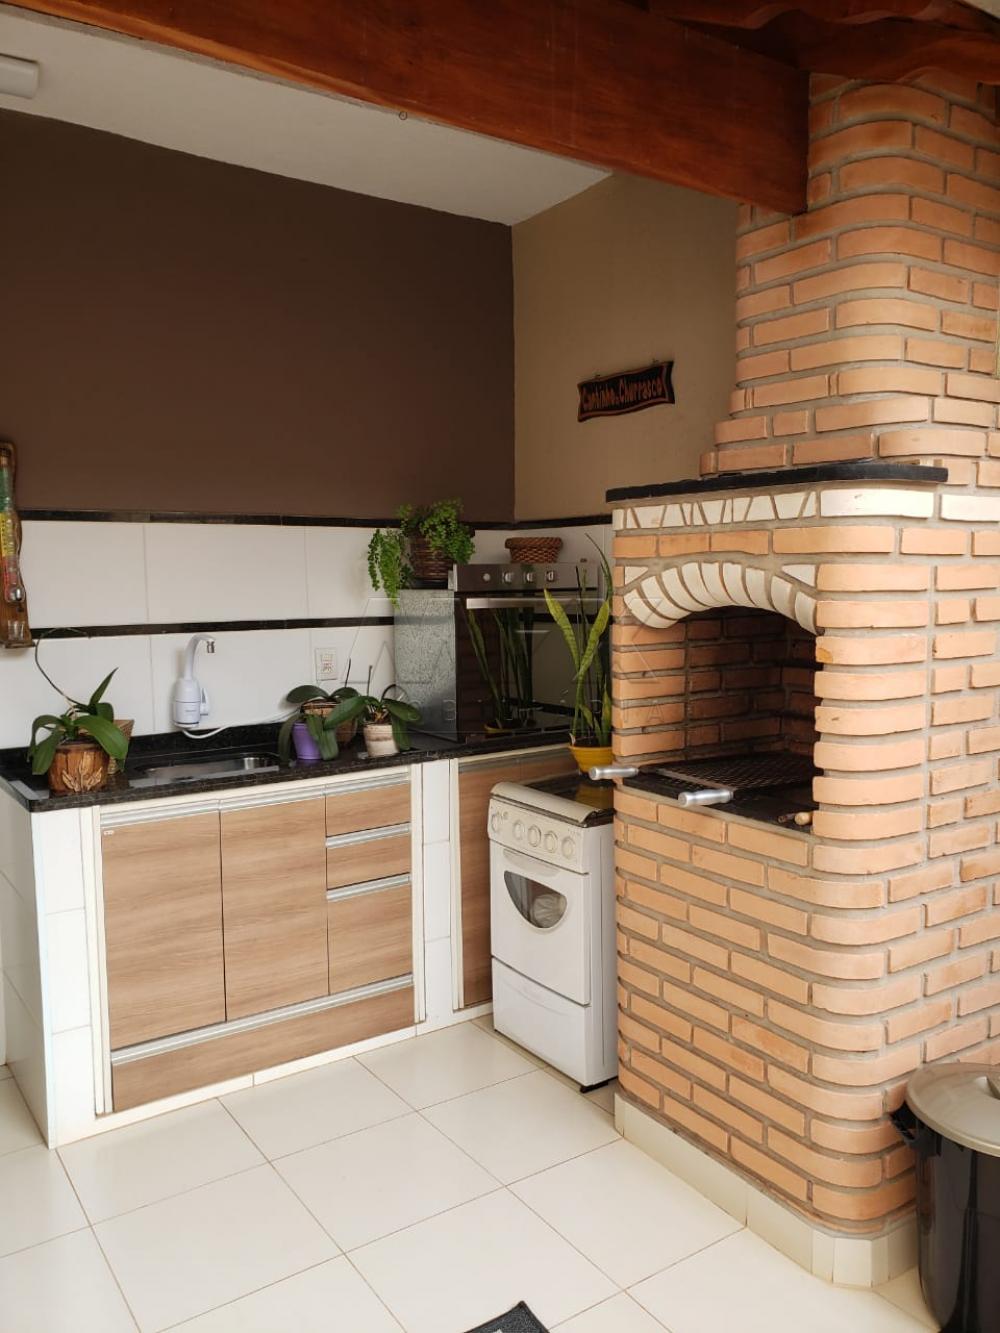 Comprar Casa / Sobrado em Bauru apenas R$ 340.000,00 - Foto 10